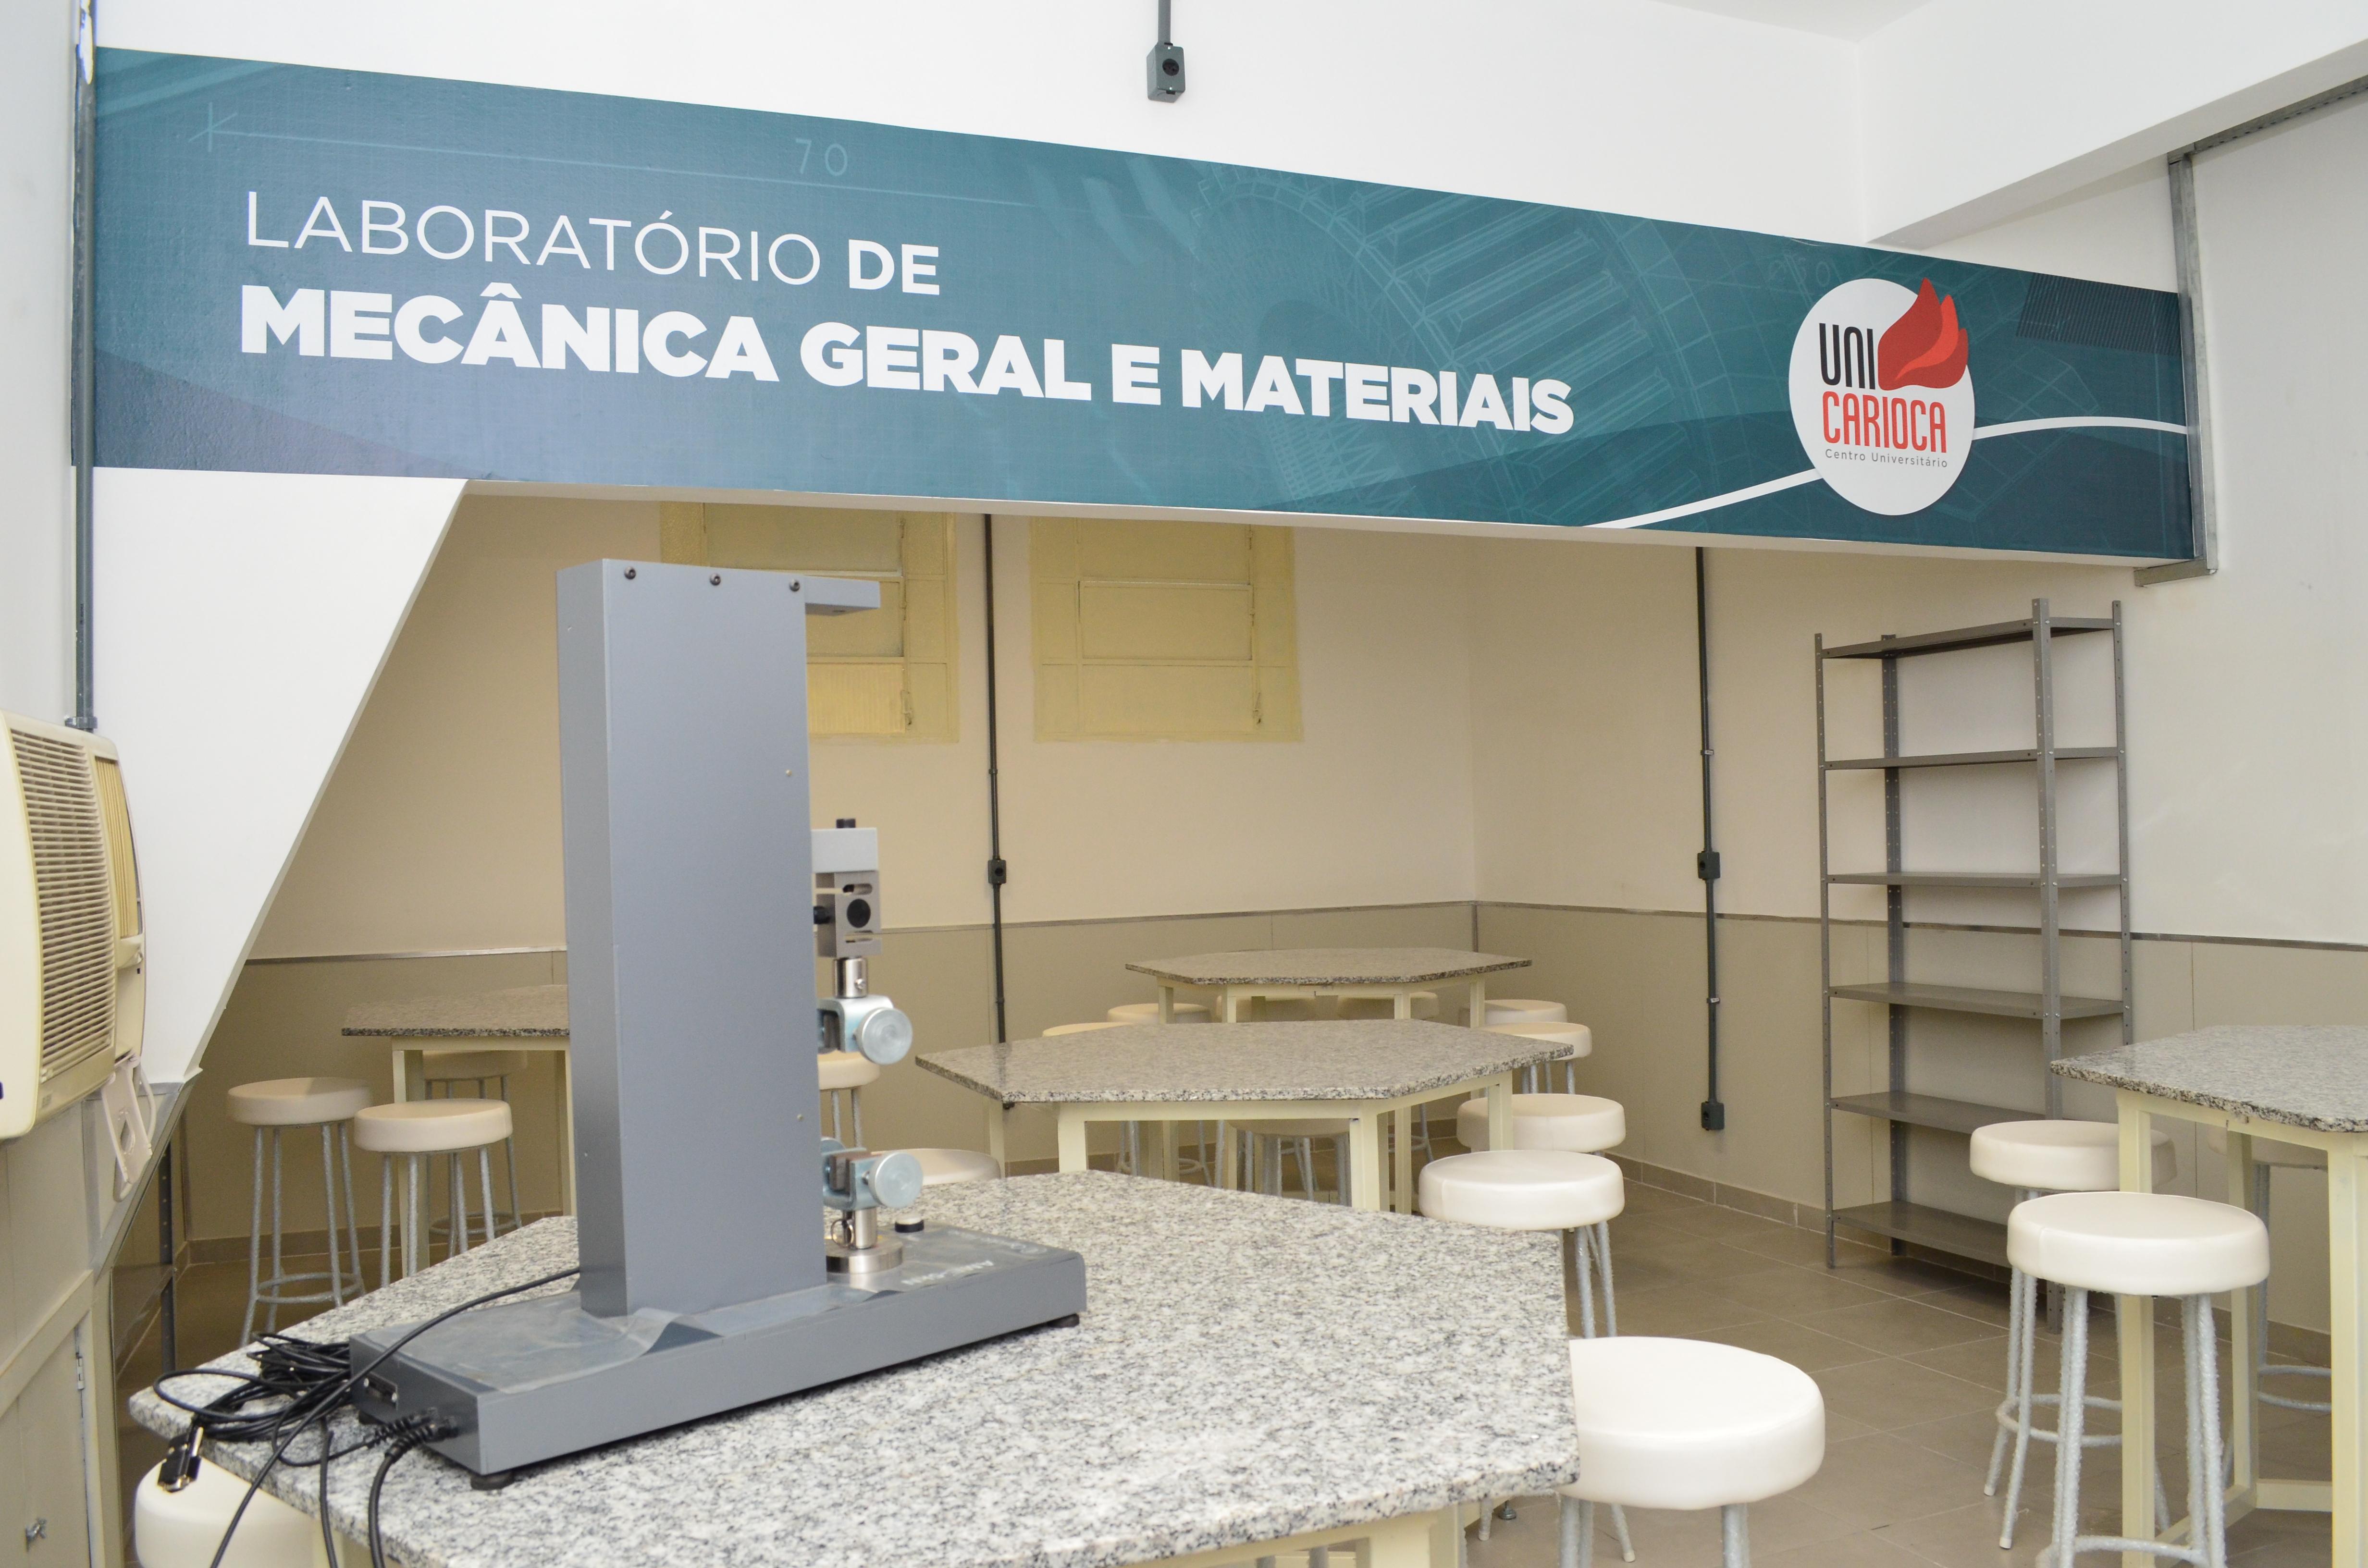 Laboratório de mecânica